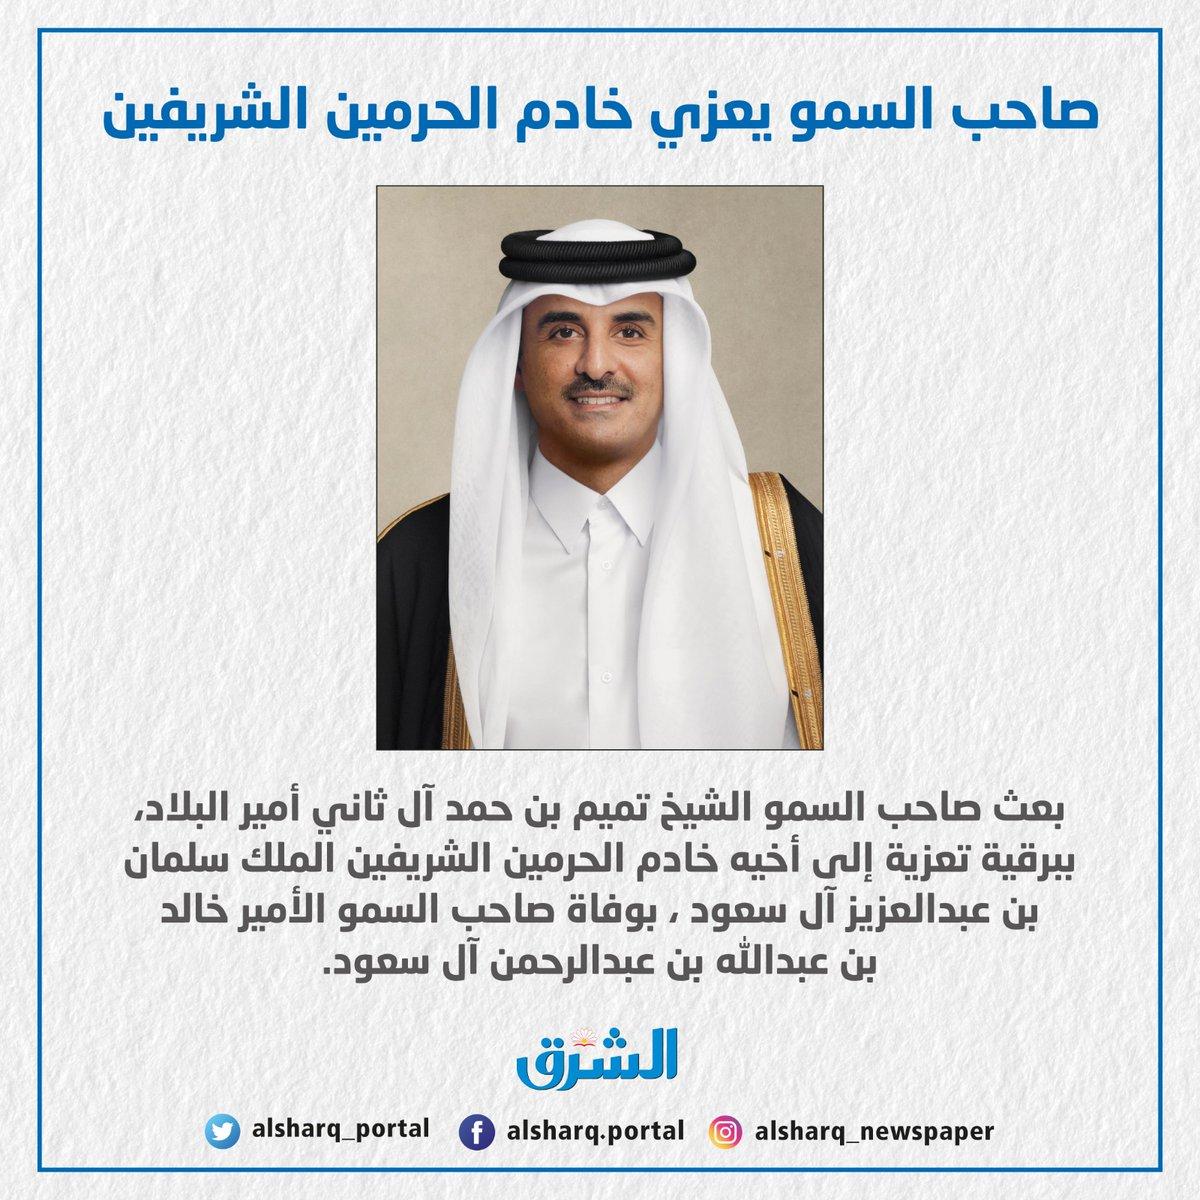 حضرة صاحب السمو الشيخ تميم بن حمد آل ثاني أمير البلاد المفدى يعزي خادم الحرمين الشريفين